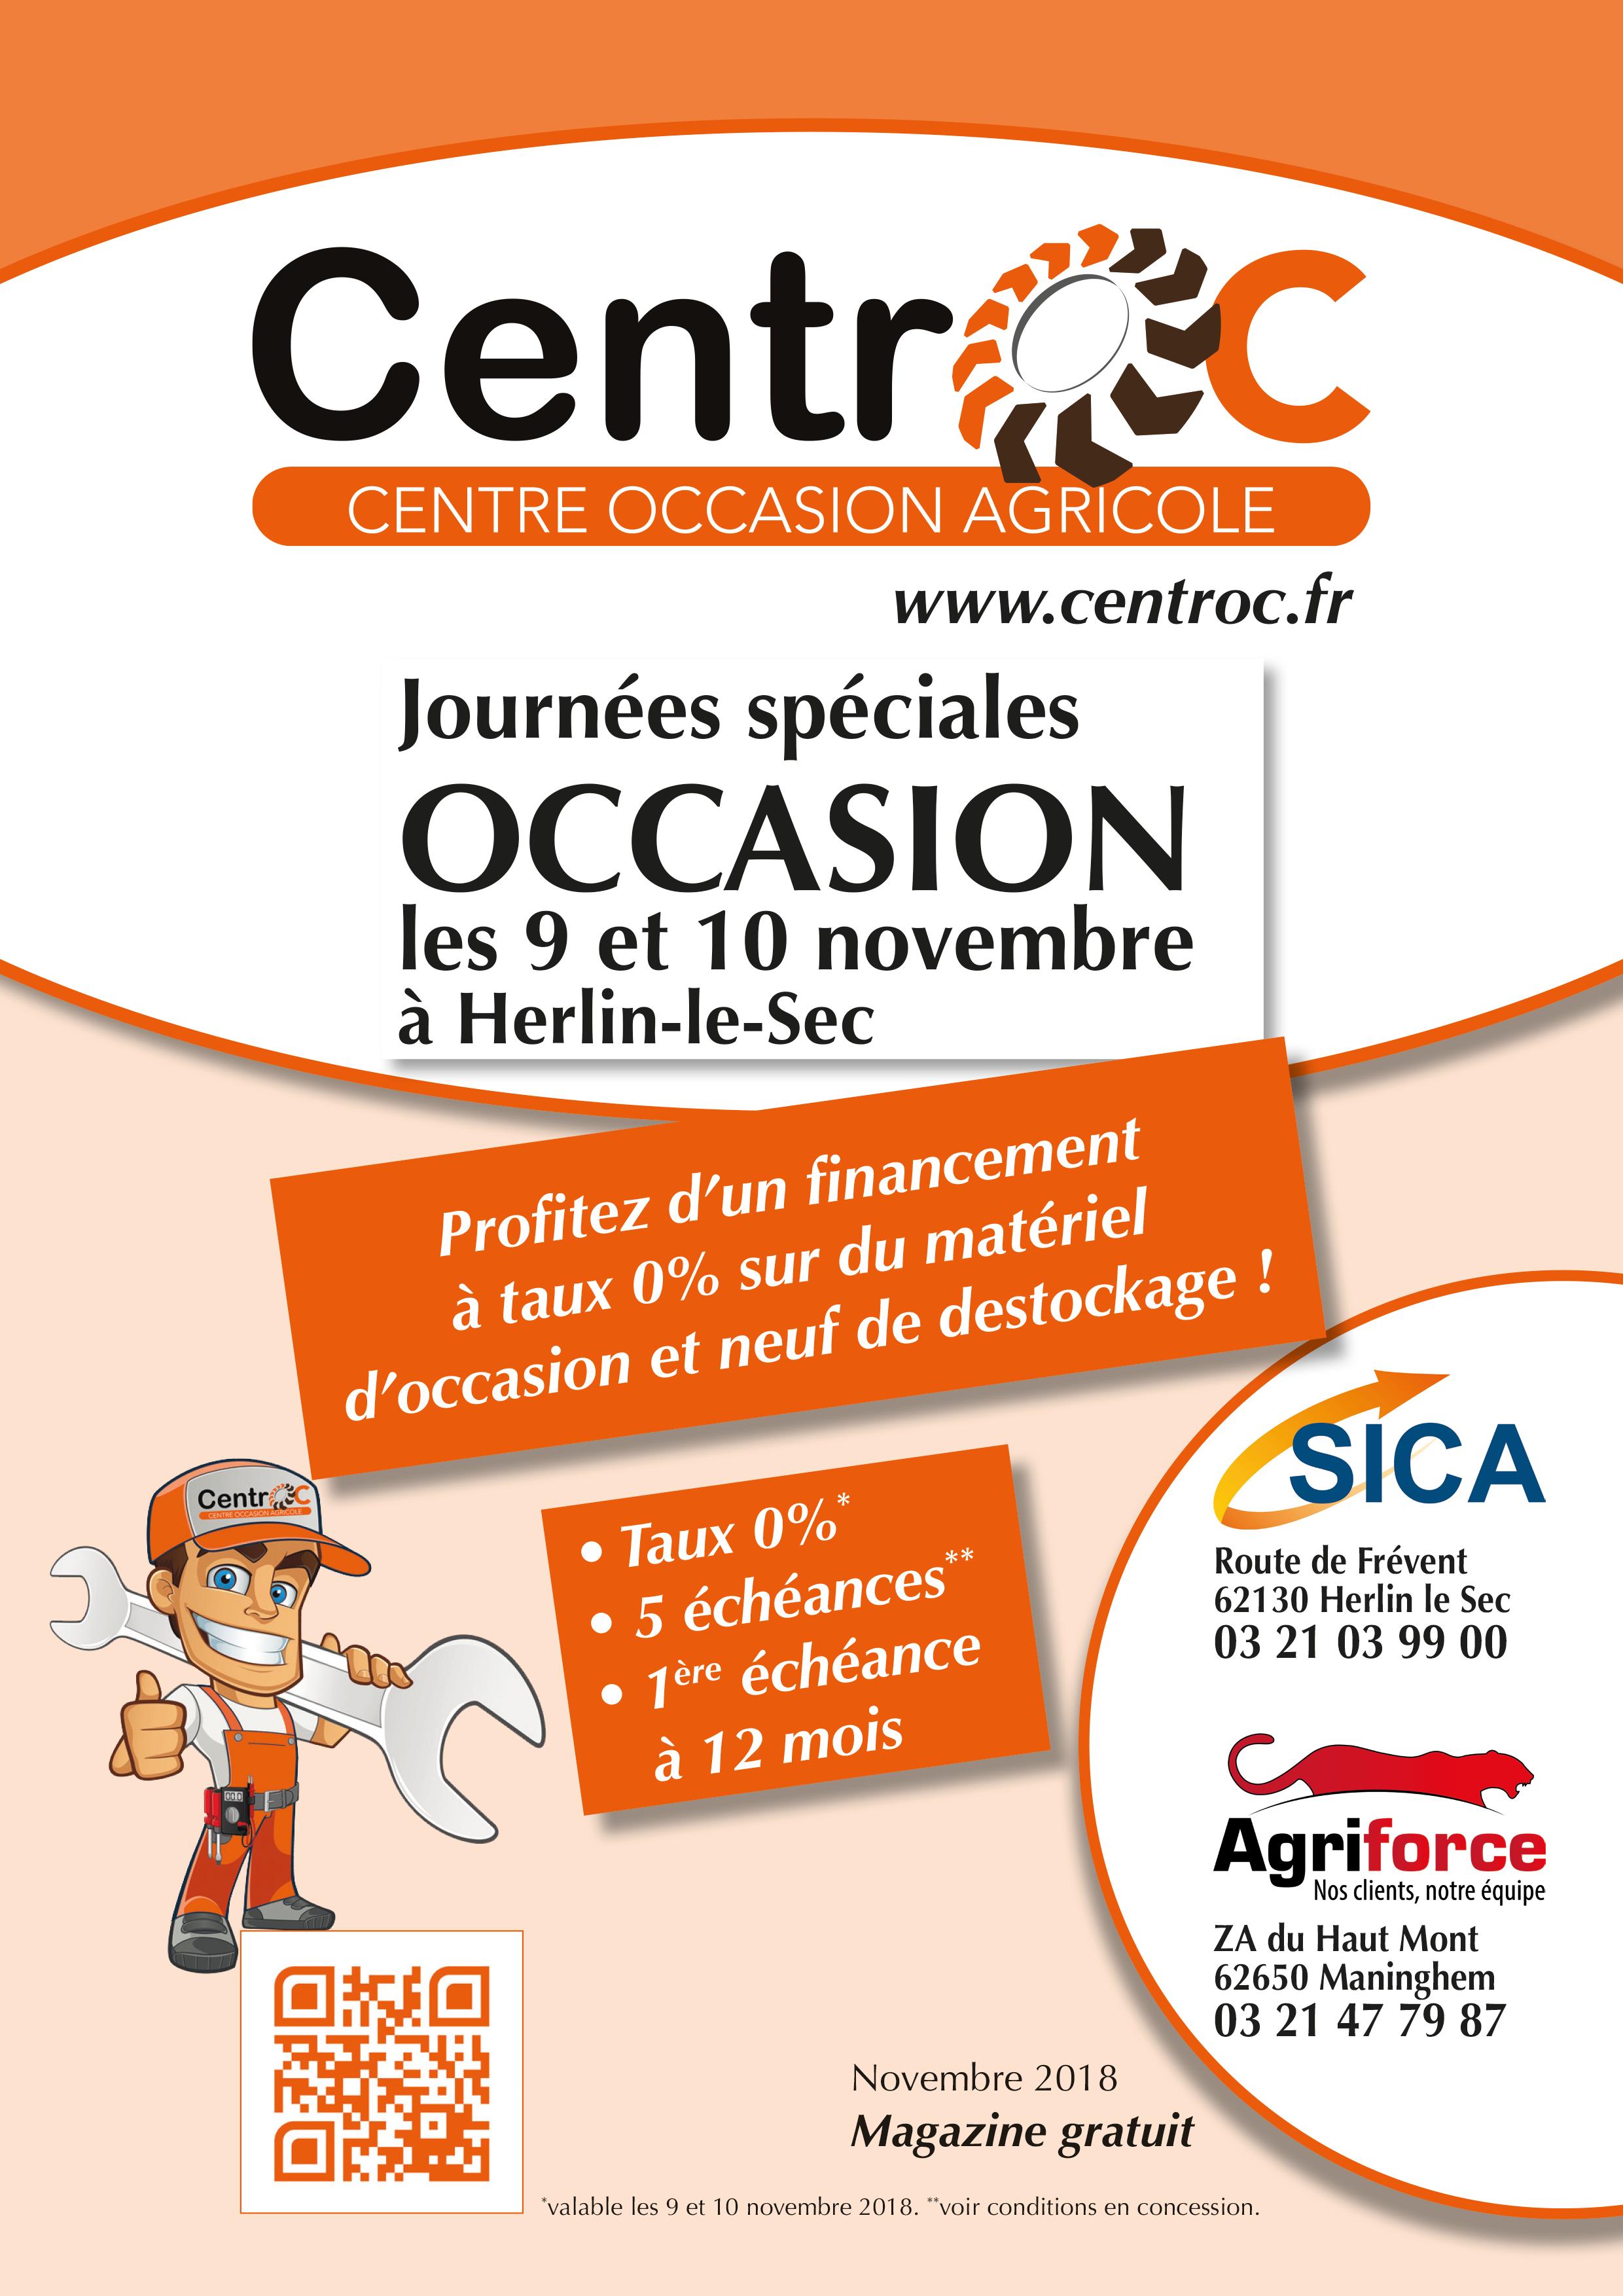 Catalogue Centroc - Journées Spéciales OCCASION